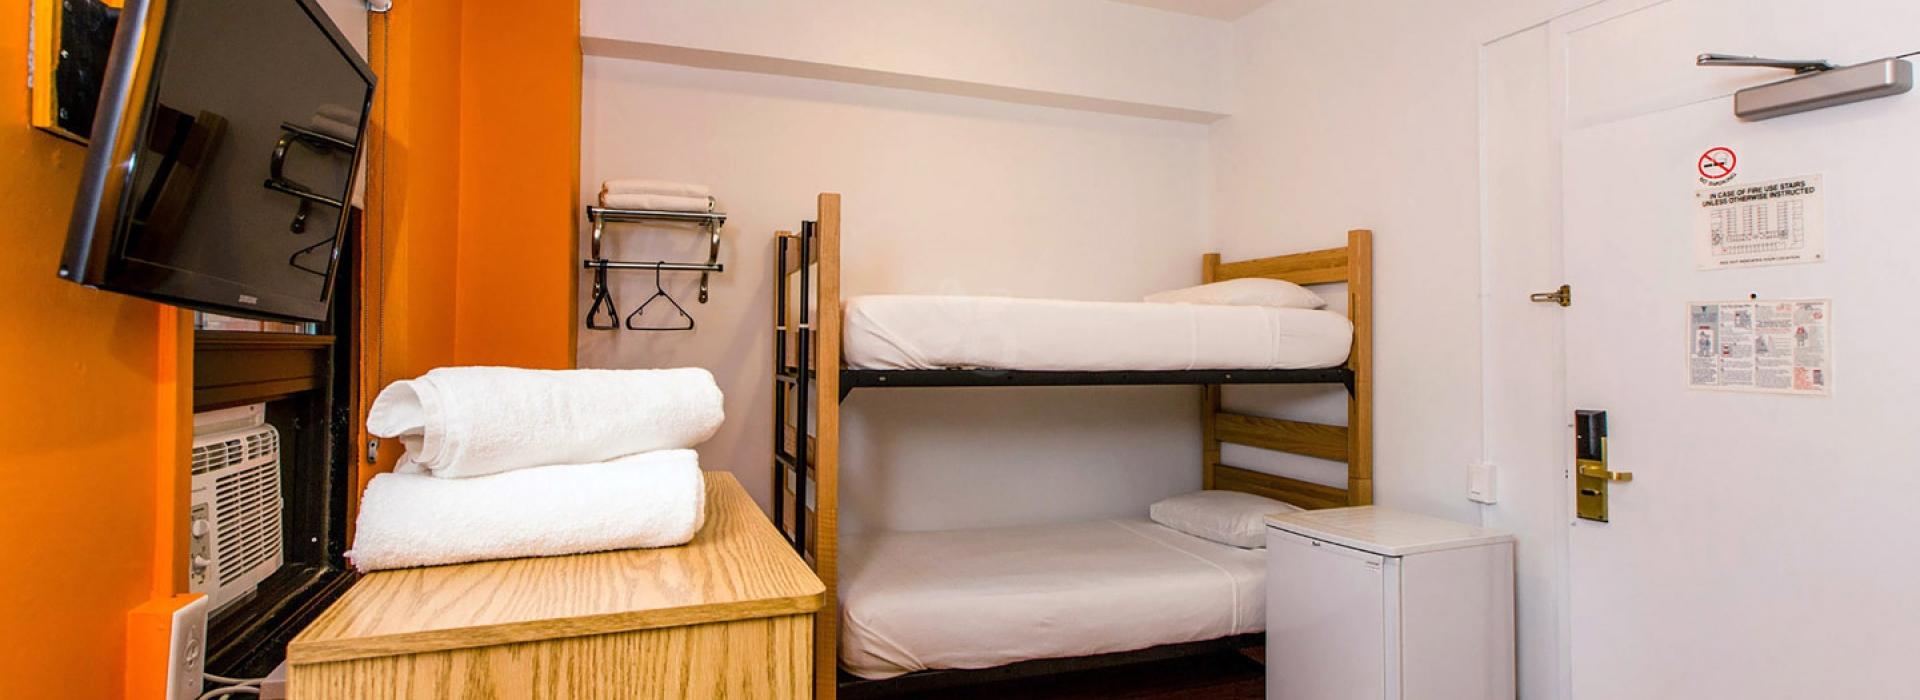 A Bunk Bed In The Vanderbilt Hostel Room On Upper East Side